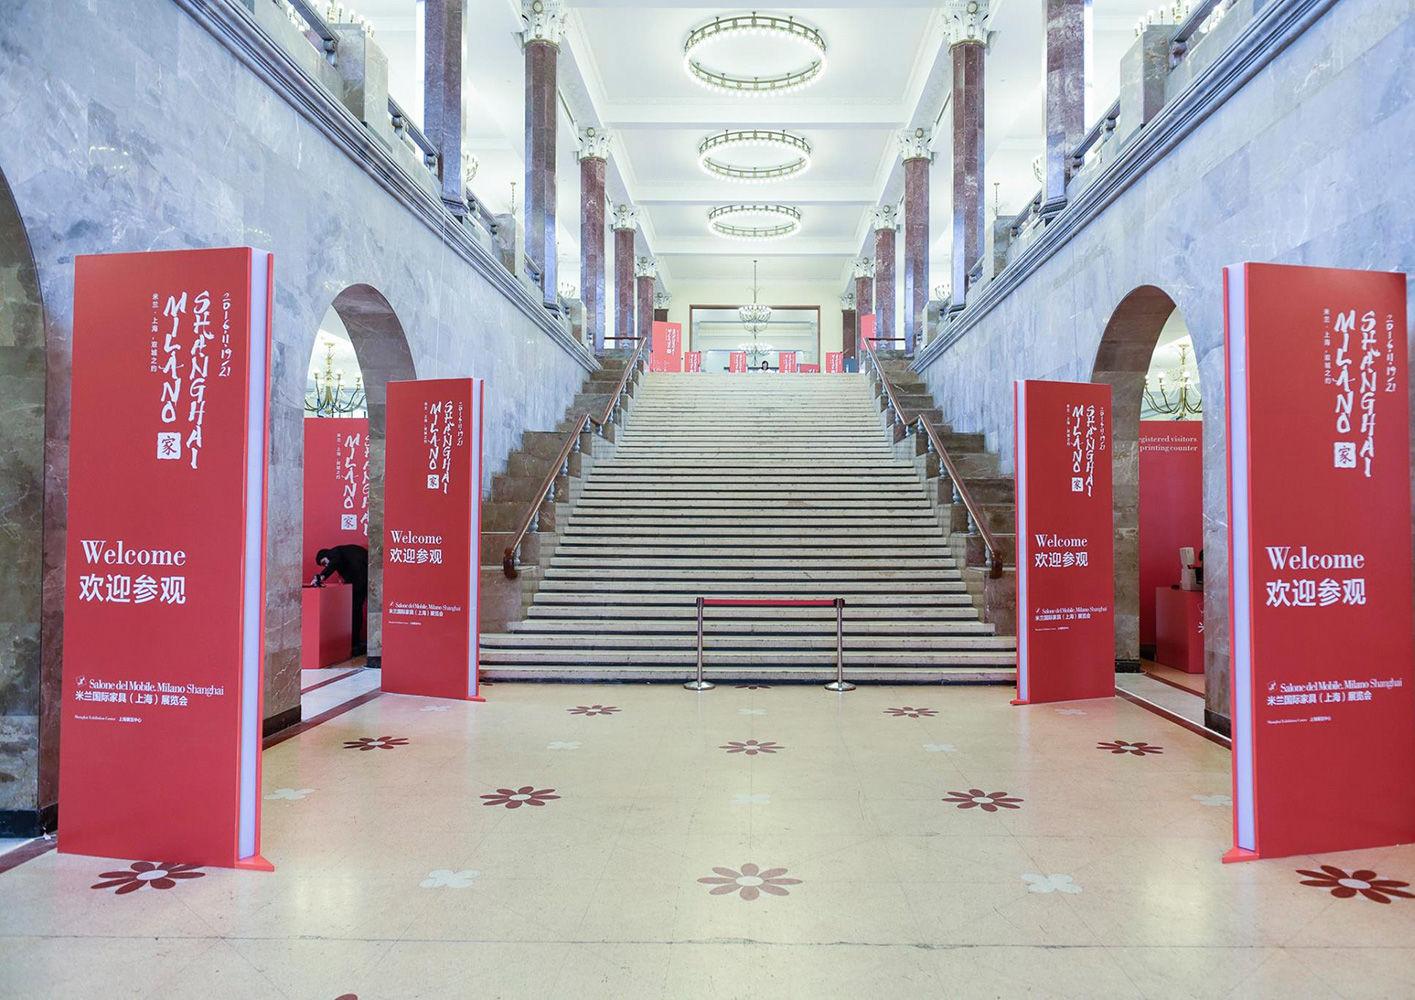 Events en shanghai salone del mobile milano shanghai for Salone mobile shanghai